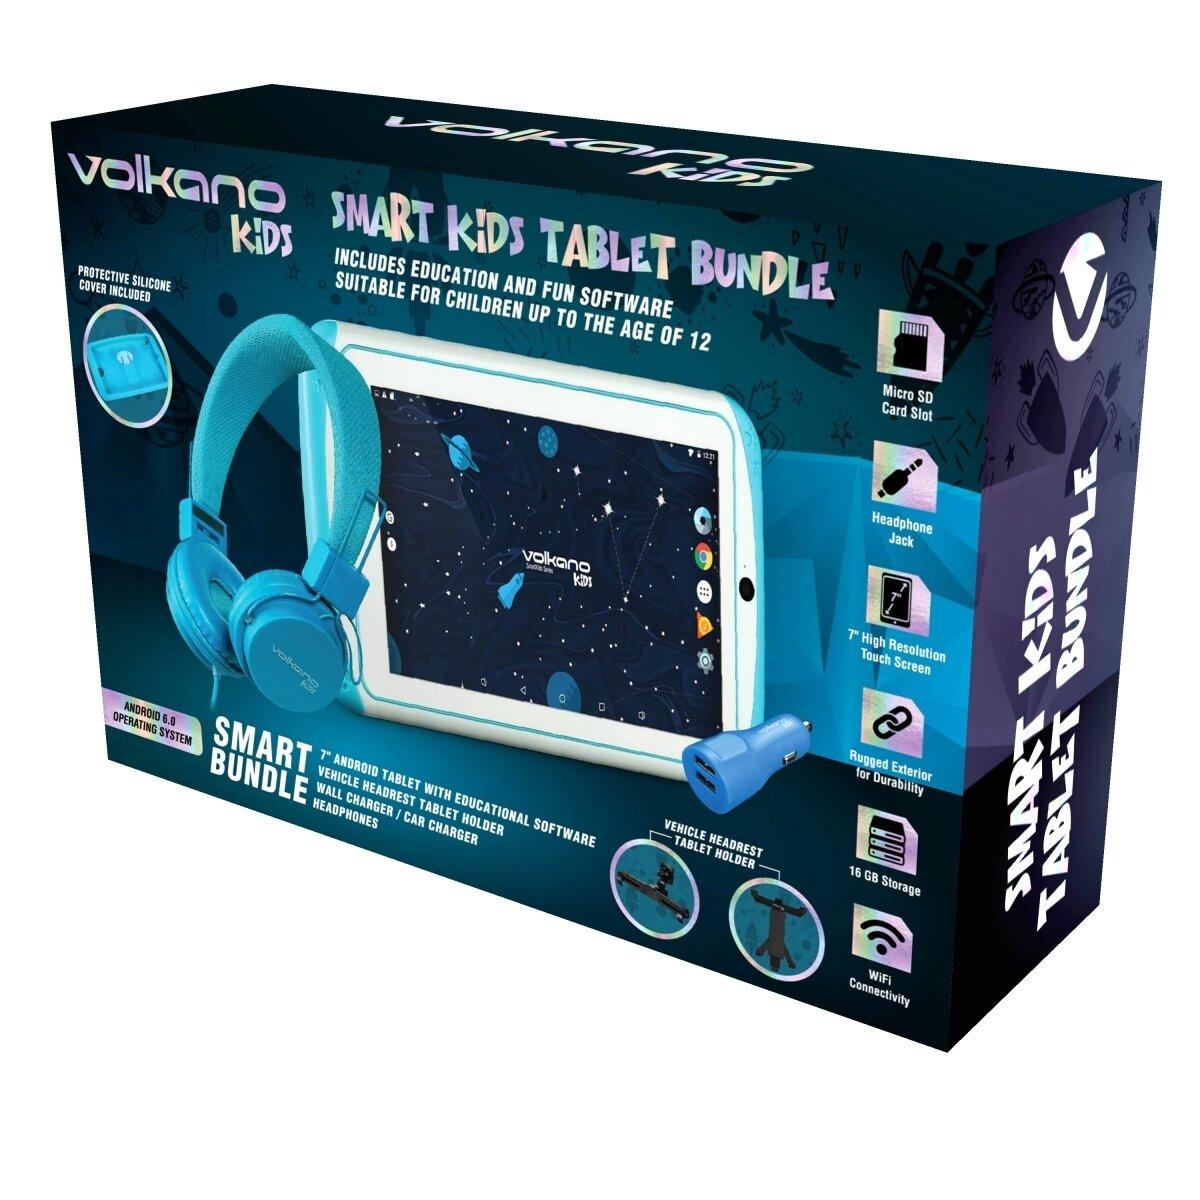 Volkano Kids Smart Kids tablet bundle